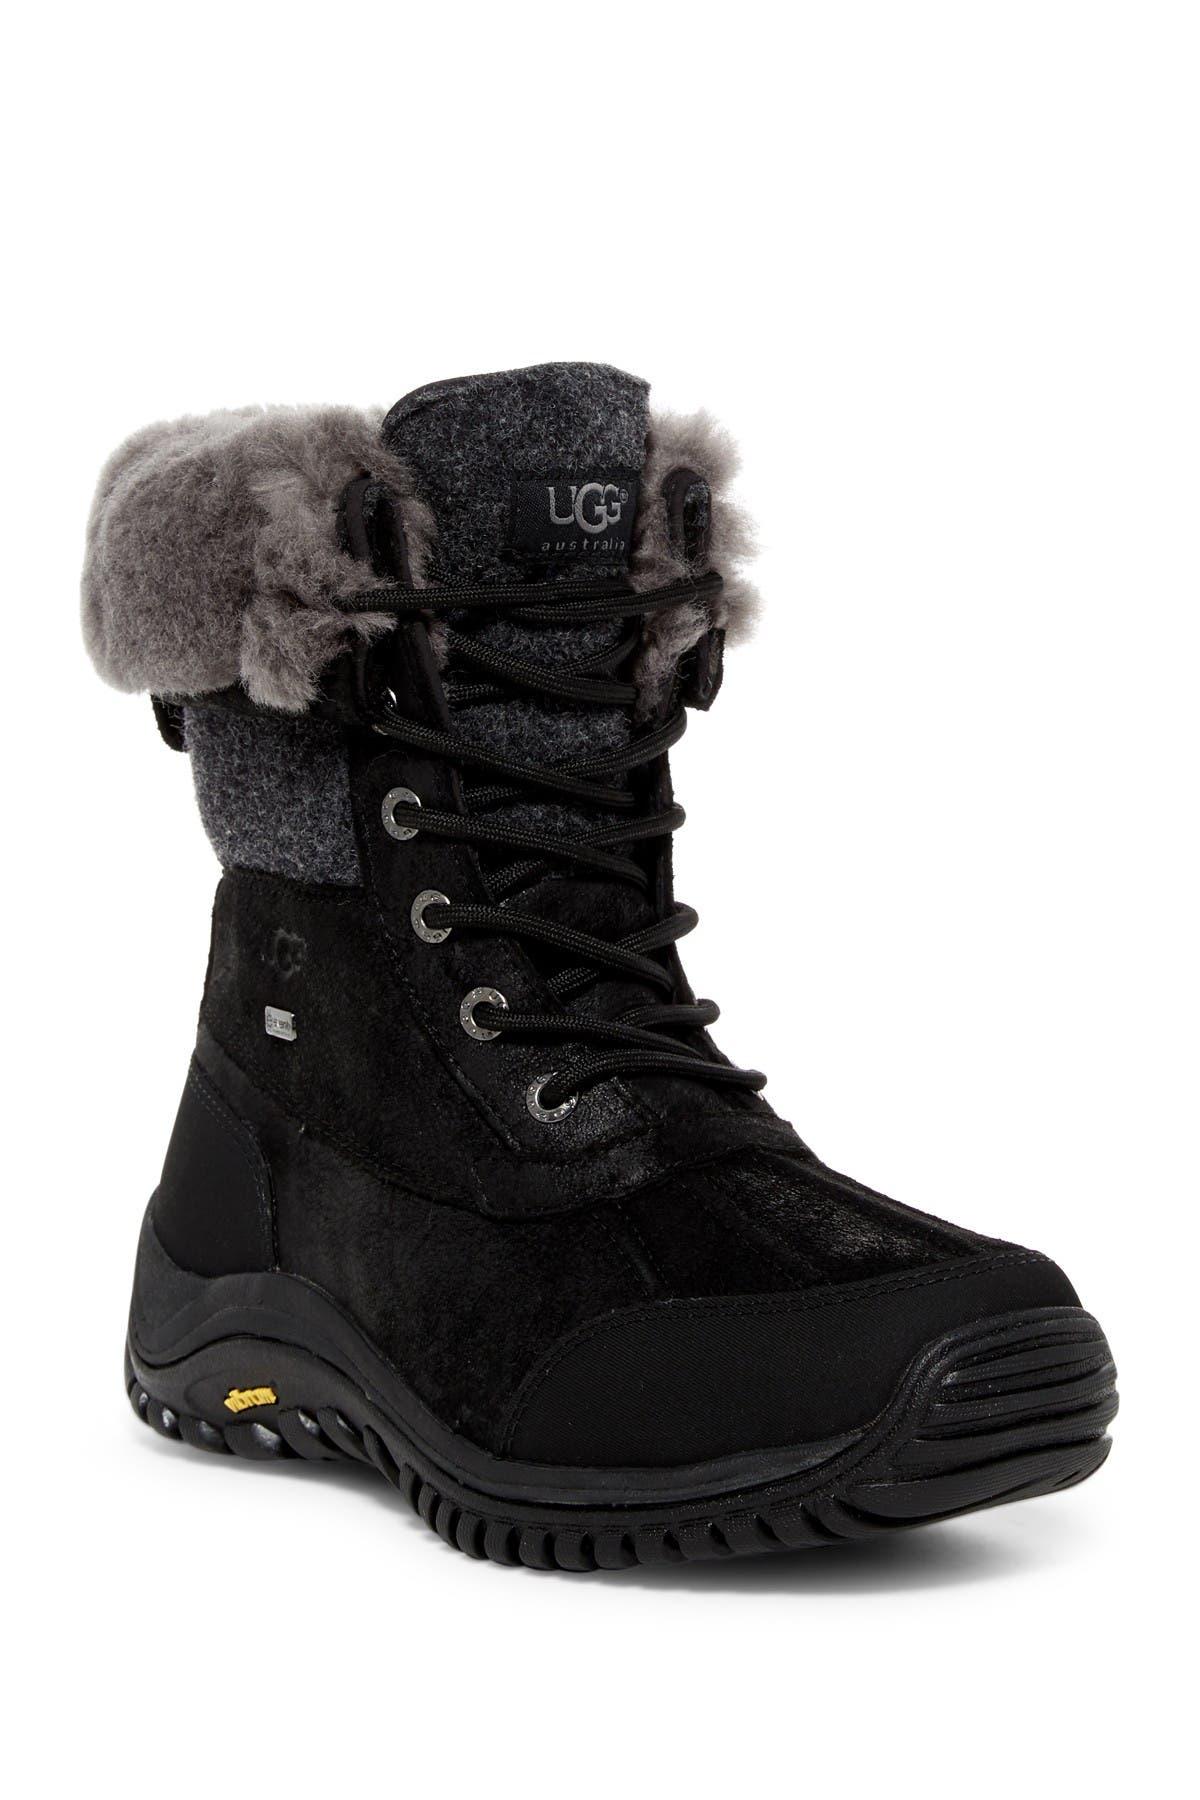 UGG | Adirondack Genuine Sheepskin Boot